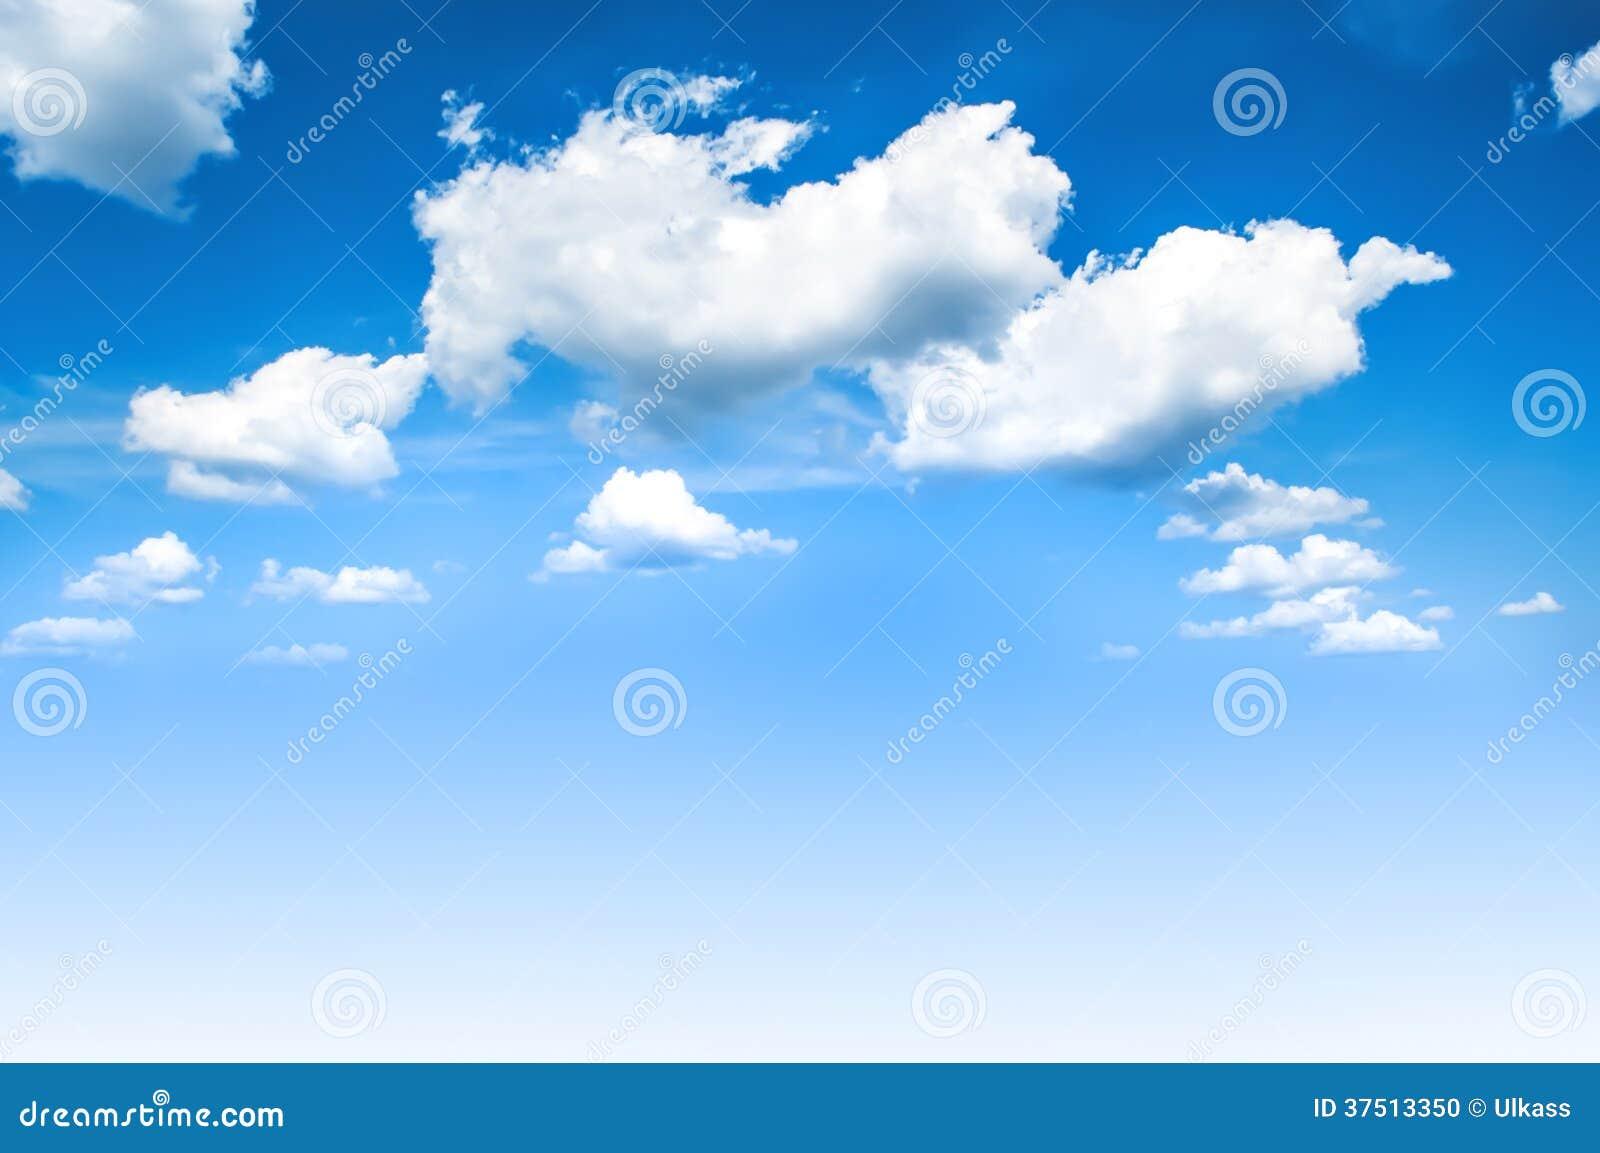 Niebieskiego nieba i bielu chmury.